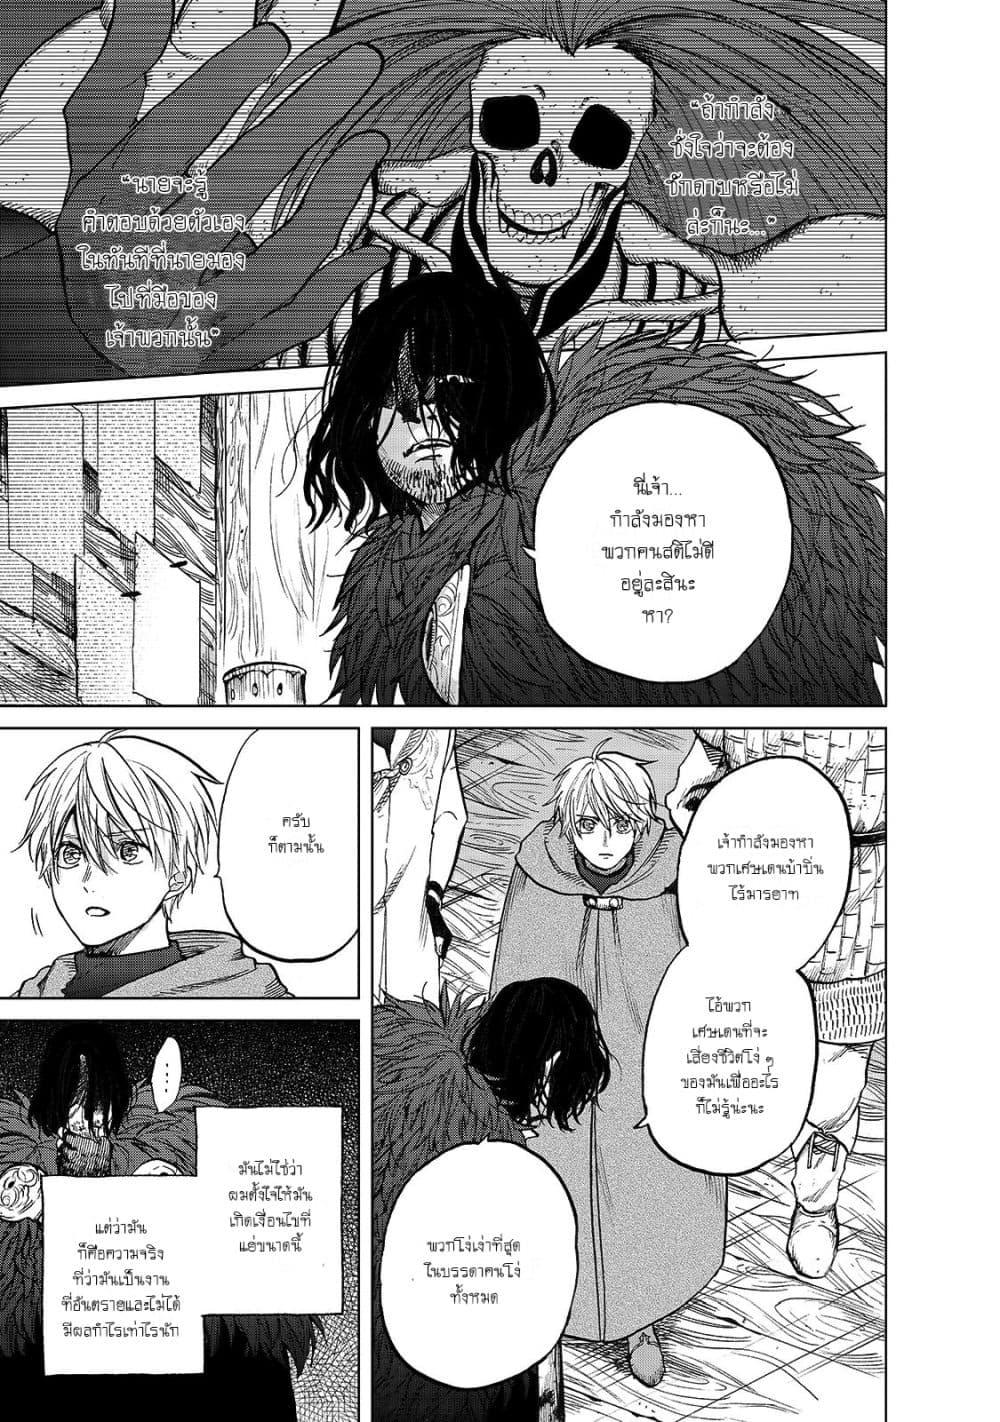 อ่านการ์ตูน Saihate no Paladin ตอนที่ 22 หน้าที่ 27